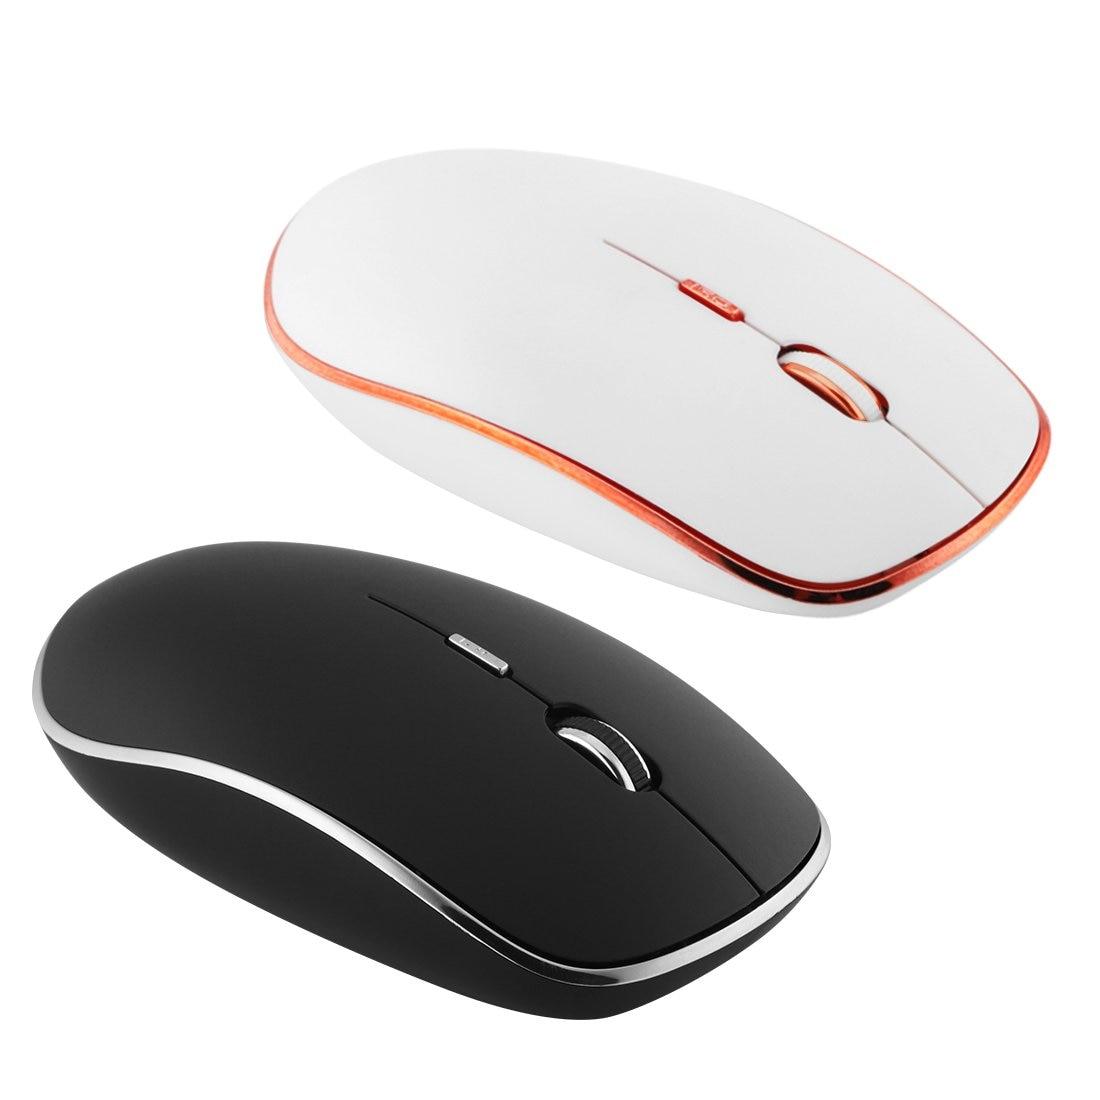 Новая 2,4G беспроводная мышь тонкая Бесшумная компьютерная мышь с приемником 1800 dpi Регулируемая оптическая мышь бесшумный клик для ПК ноутбука|Мыши|   | АлиЭкспресс